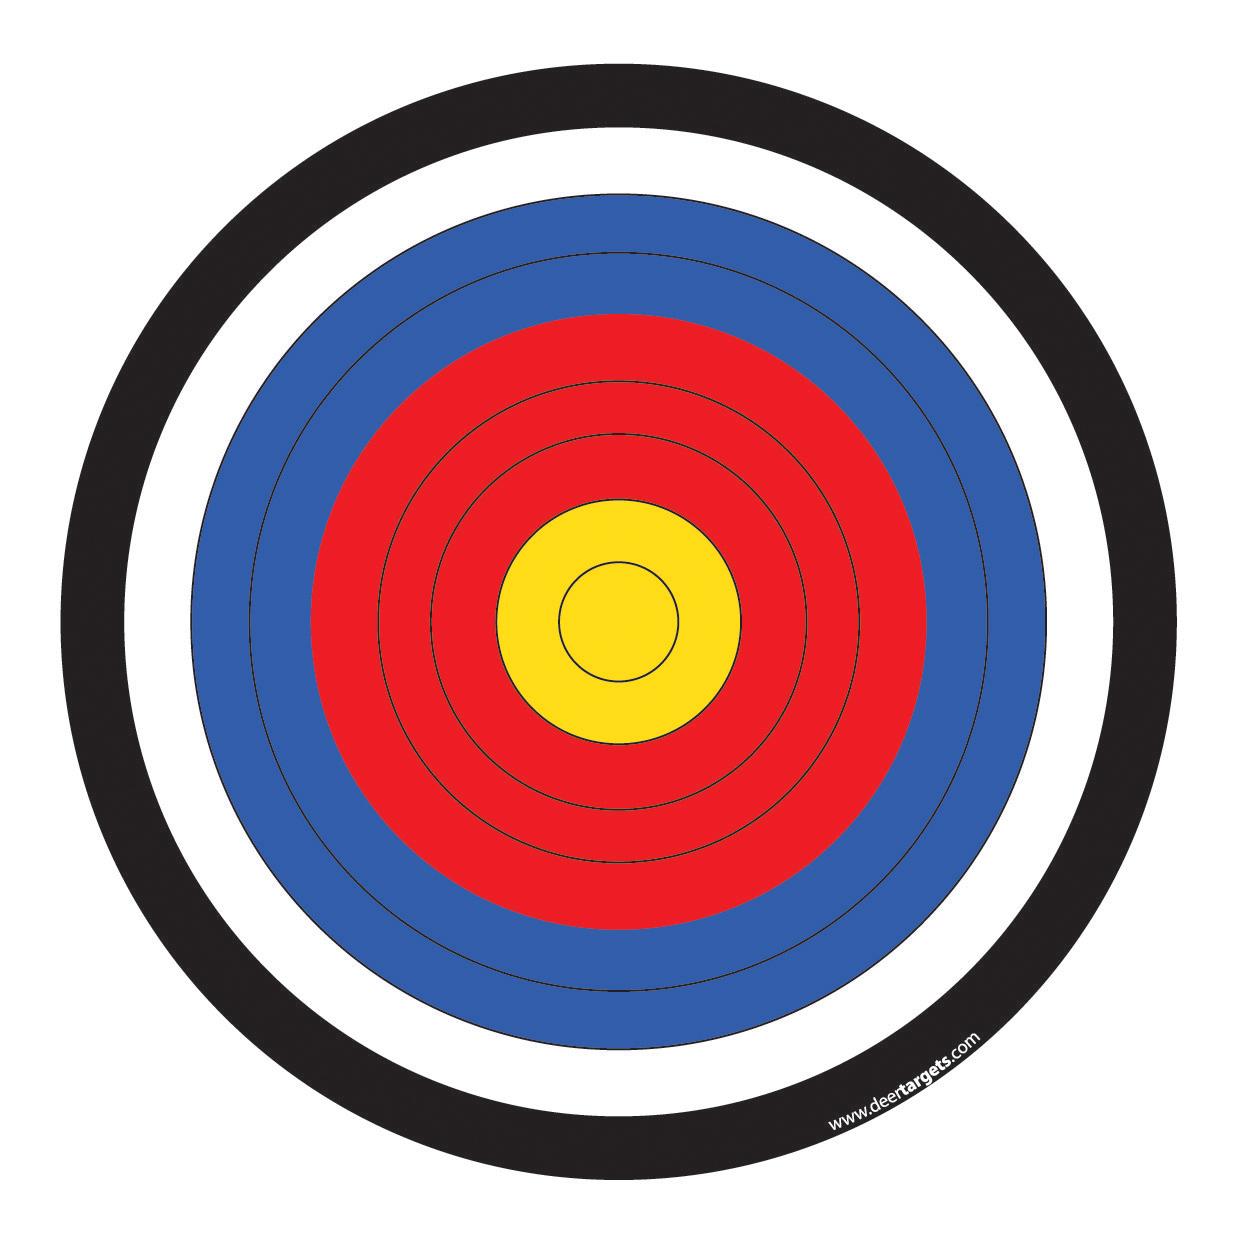 Arrow and target clipart jpg transparent stock Bow and arrow target clipart - ClipartFest jpg transparent stock